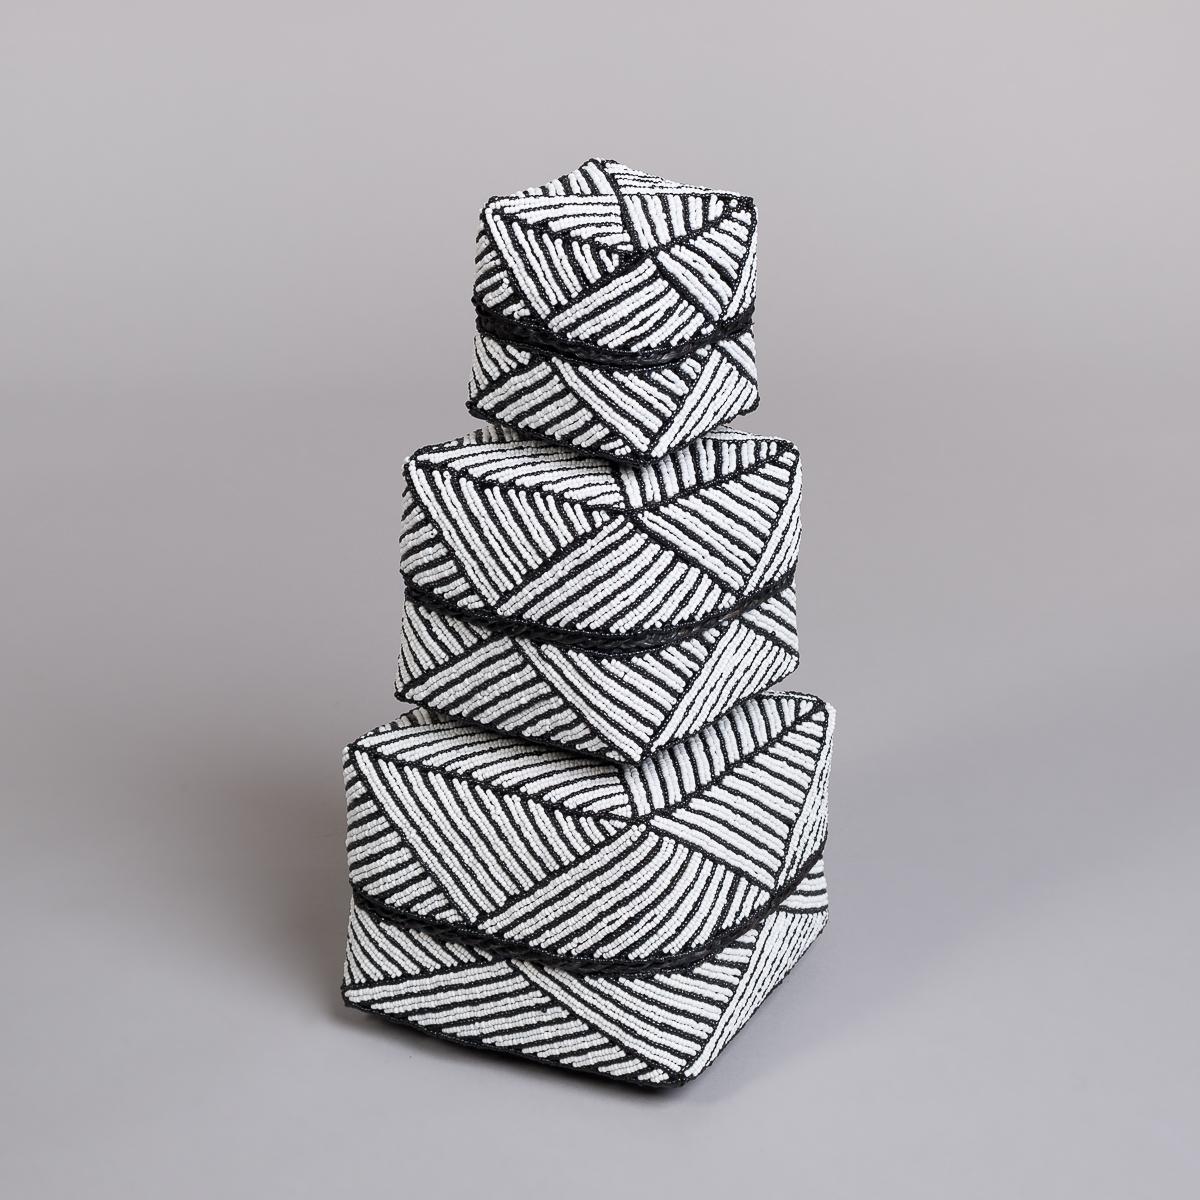 Boks Sett 3 stk med perle dekorasjon-Hvit og sort-0